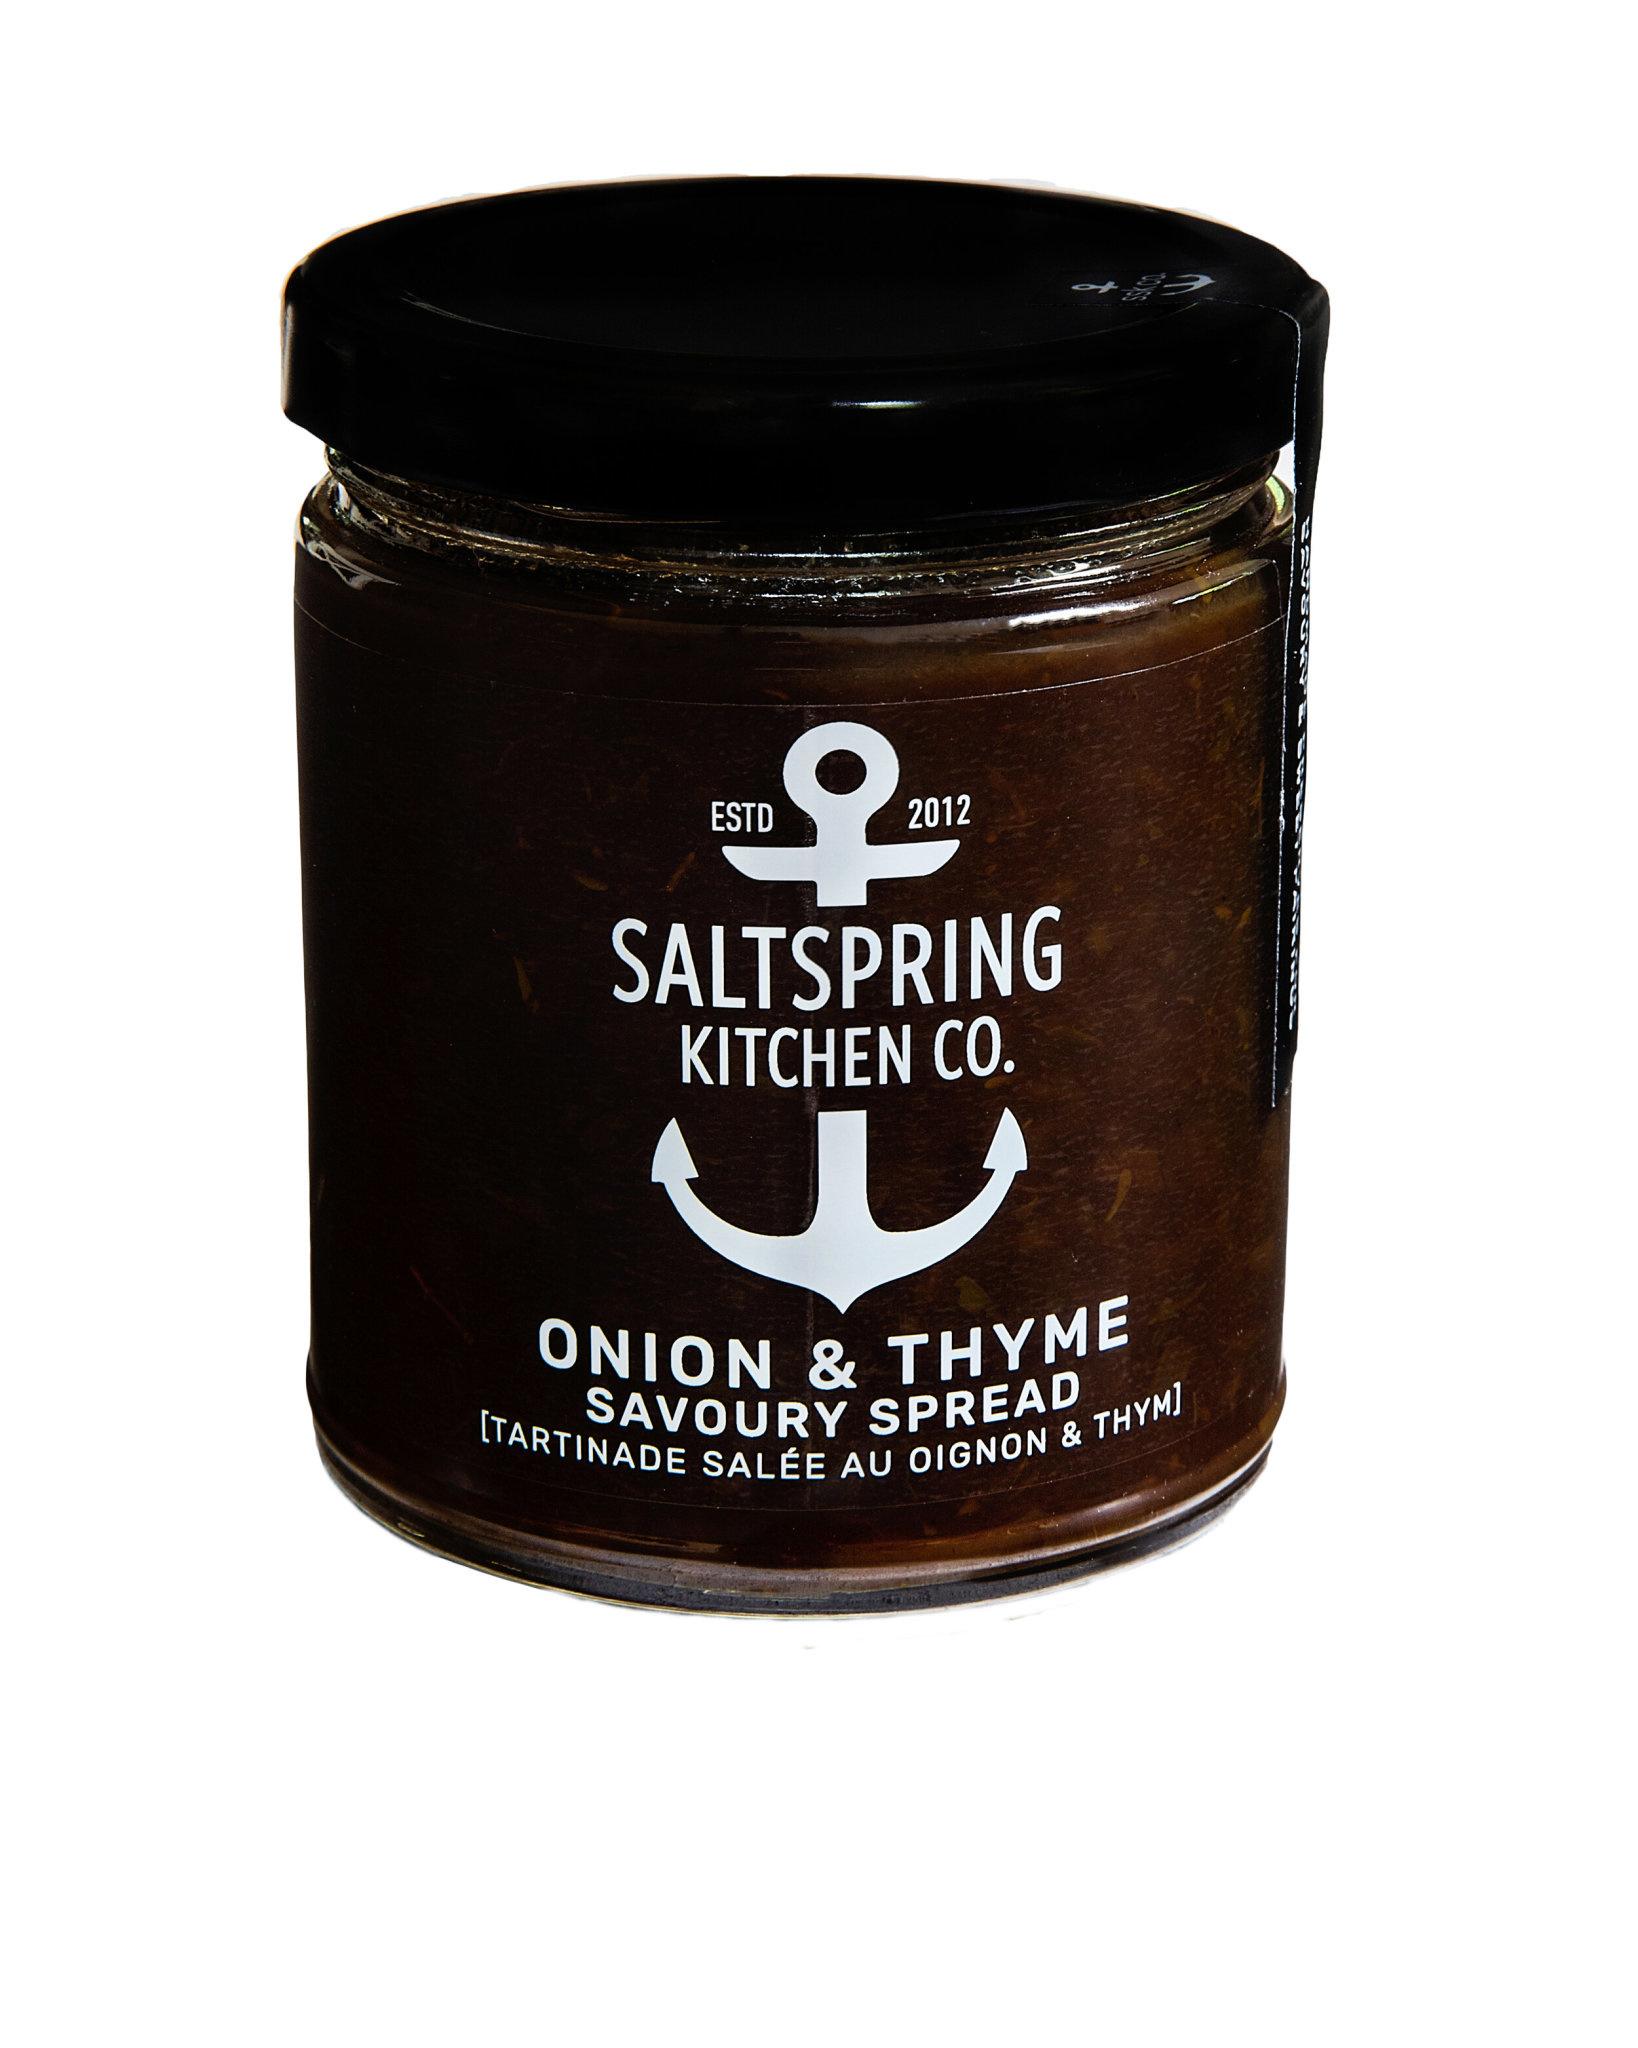 SaltSpring Kitchen Co. Onion & Thyme Savoury Spread 270ml